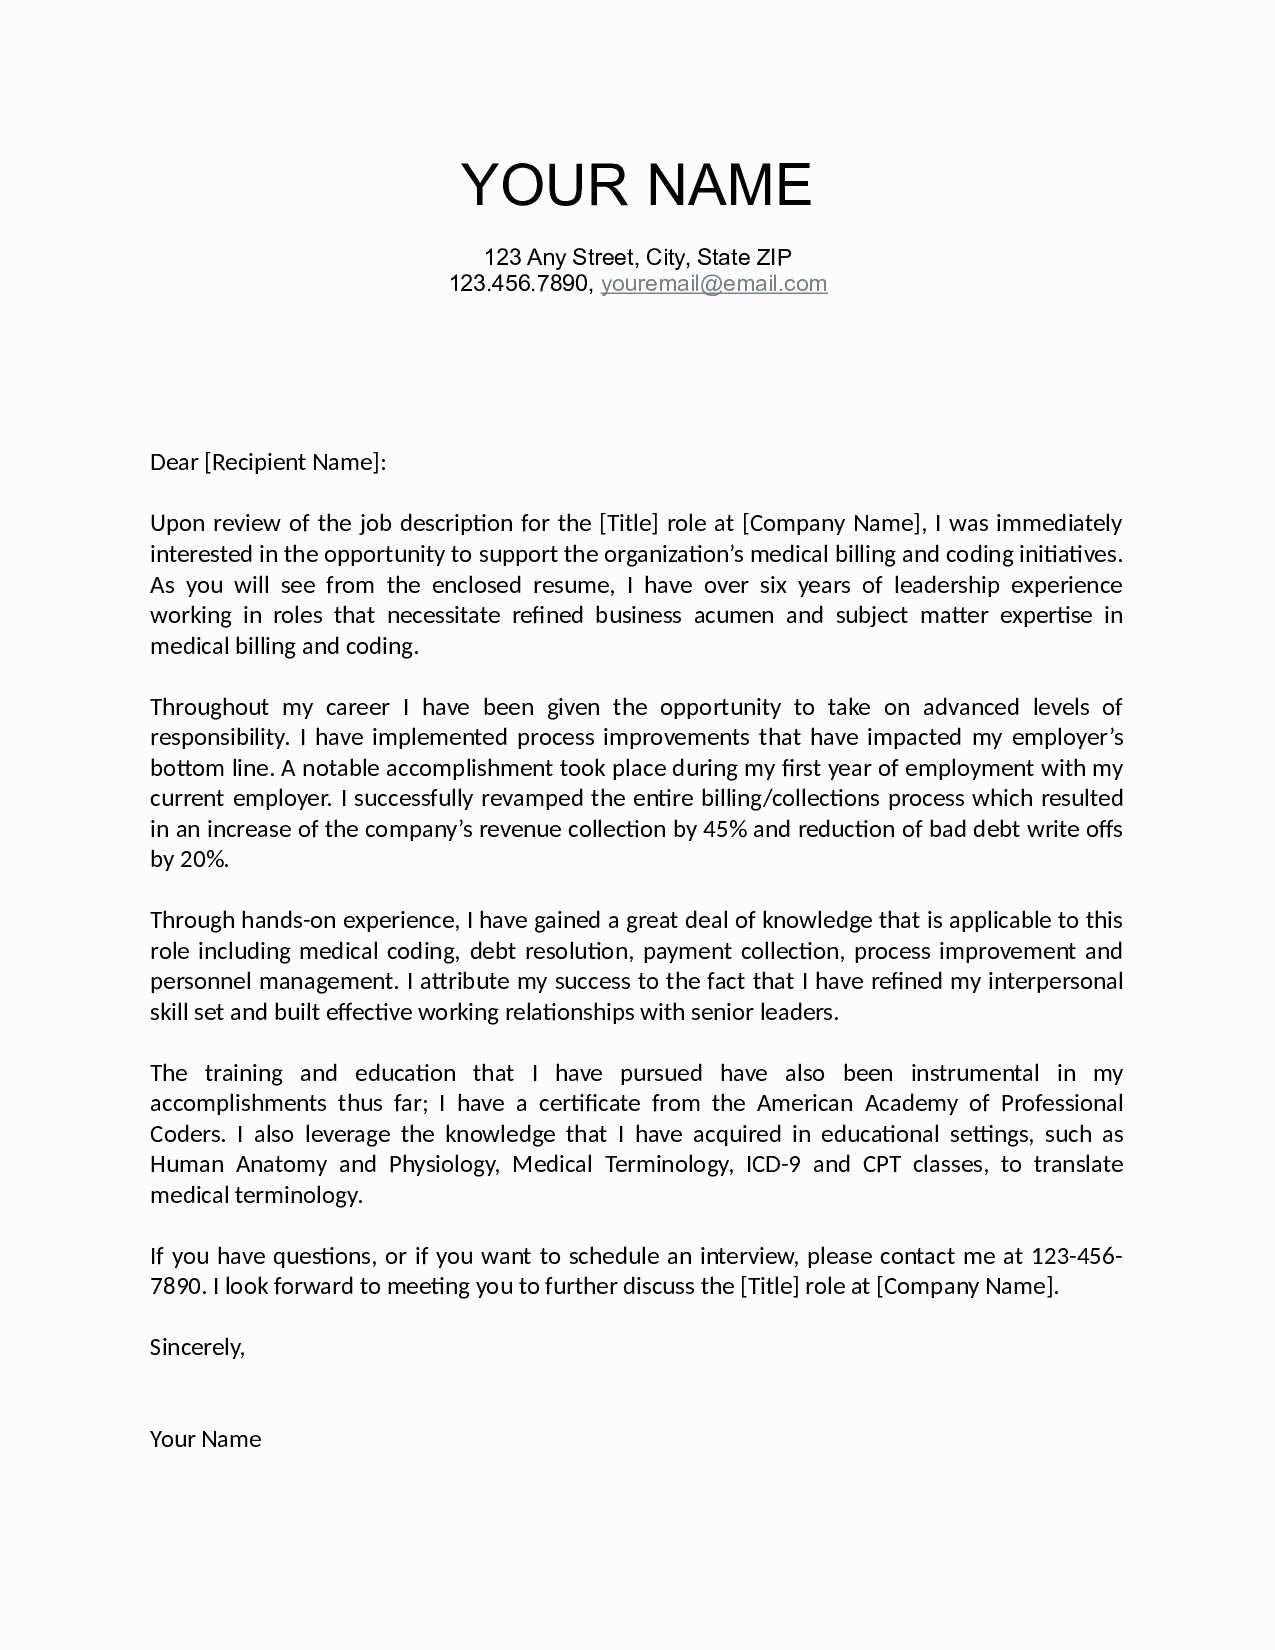 Linkedin Cover Letter Template - Sample Cover Letter for Linkedin Job Refrence Job Fer Letter